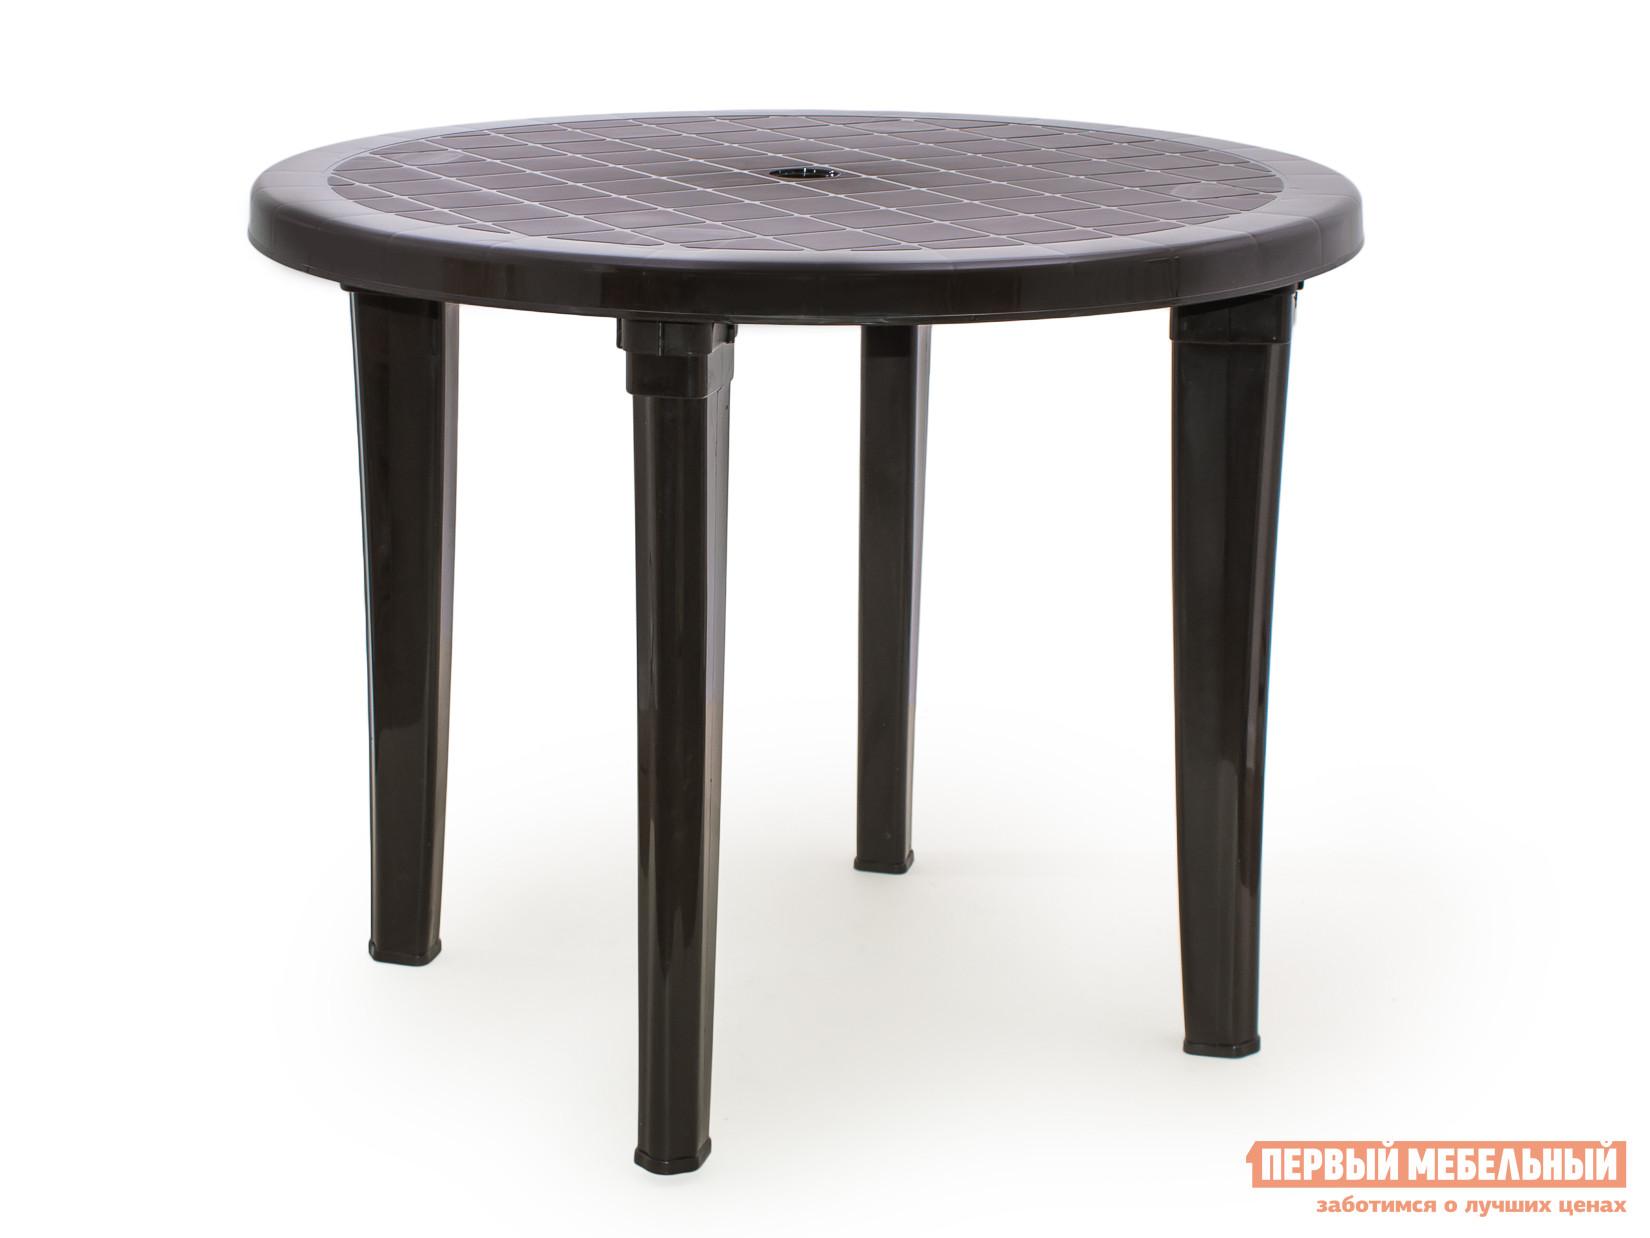 Пластиковый стол ЭЛП Стол круглый ШоколадныйПластиковые столы<br>Габаритные размеры ВхШхГ 740x950x950 мм. Яркий и практичный круглый стол Пинто-2 будет уместен и на даче и в летнем кафе.  Большая столешница диаметром 950 мм позволит расположиться с комфортом всей компанией.  Её круглая форма очень выгодна в этом плане — отсутствие углов играет положительную роль, обеспечивая удобство всем сидящим. Пластик, из которого изготовлен стол, легкий и прочный.  За таким изделием очень легко ухаживать и можно совершенно не беспокоиться о том, что все лето на него будет то светить палящее солнце, то лить дождь, ведь ему совершенно все равно на капризы природы.<br><br>Цвет: Коричневый<br>Высота мм: 740<br>Ширина мм: 950<br>Глубина мм: 950<br>Кол-во упаковок: 1<br>Форма поставки: В разобранном виде<br>Срок гарантии: 1 год<br>Форма: Круглые<br>Размер: Большие